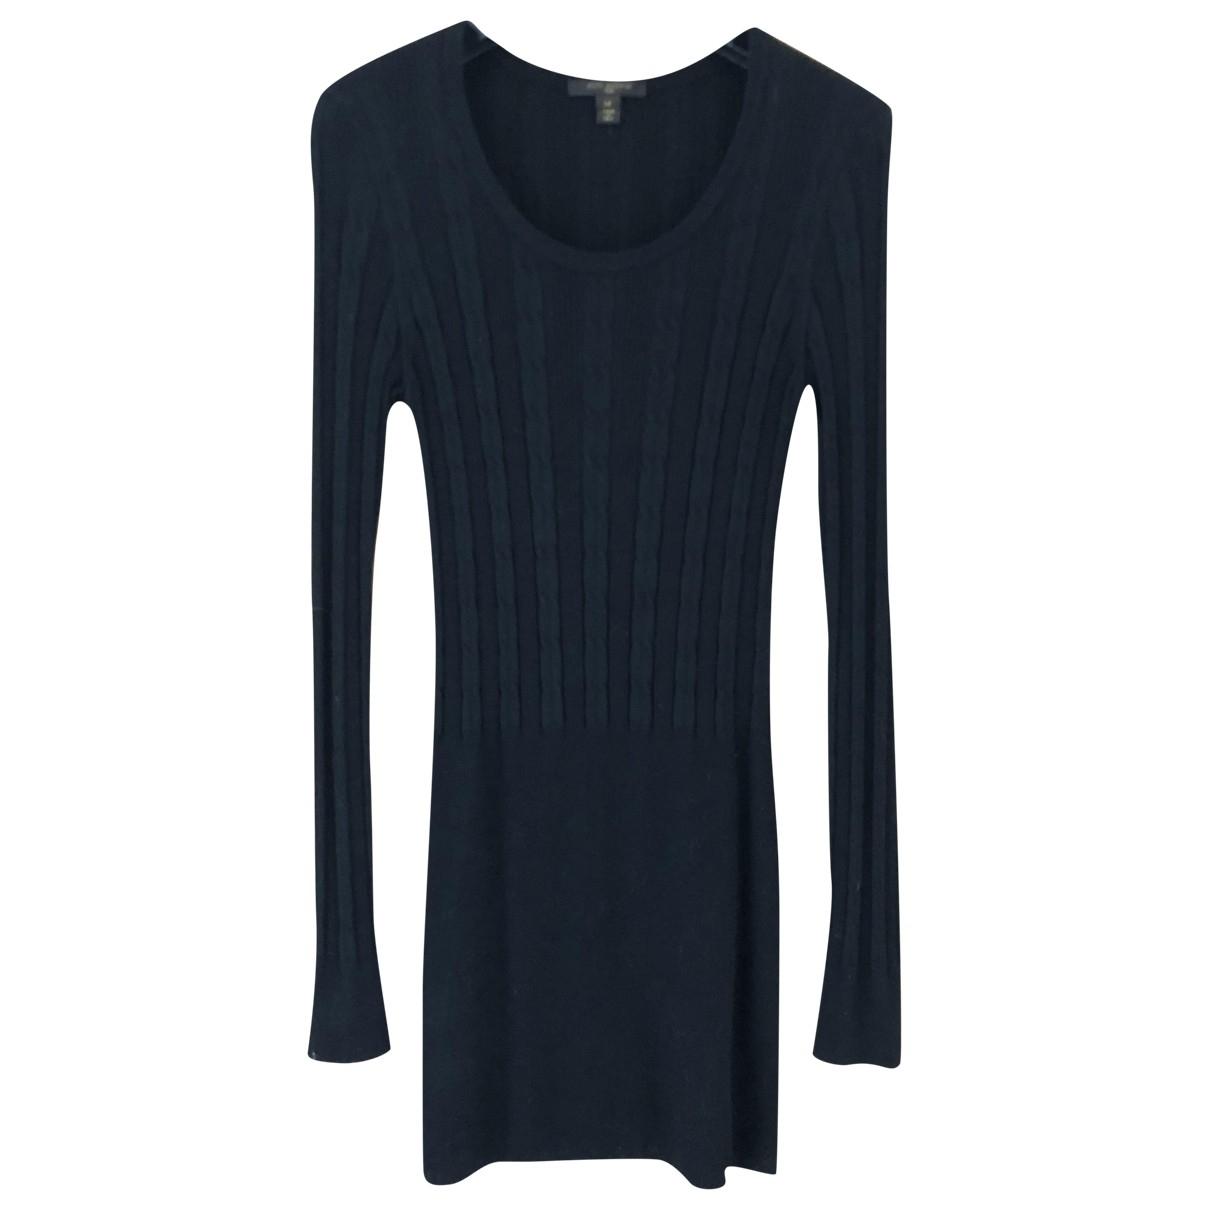 Louis Vuitton - Pull   pour femme en laine - noir